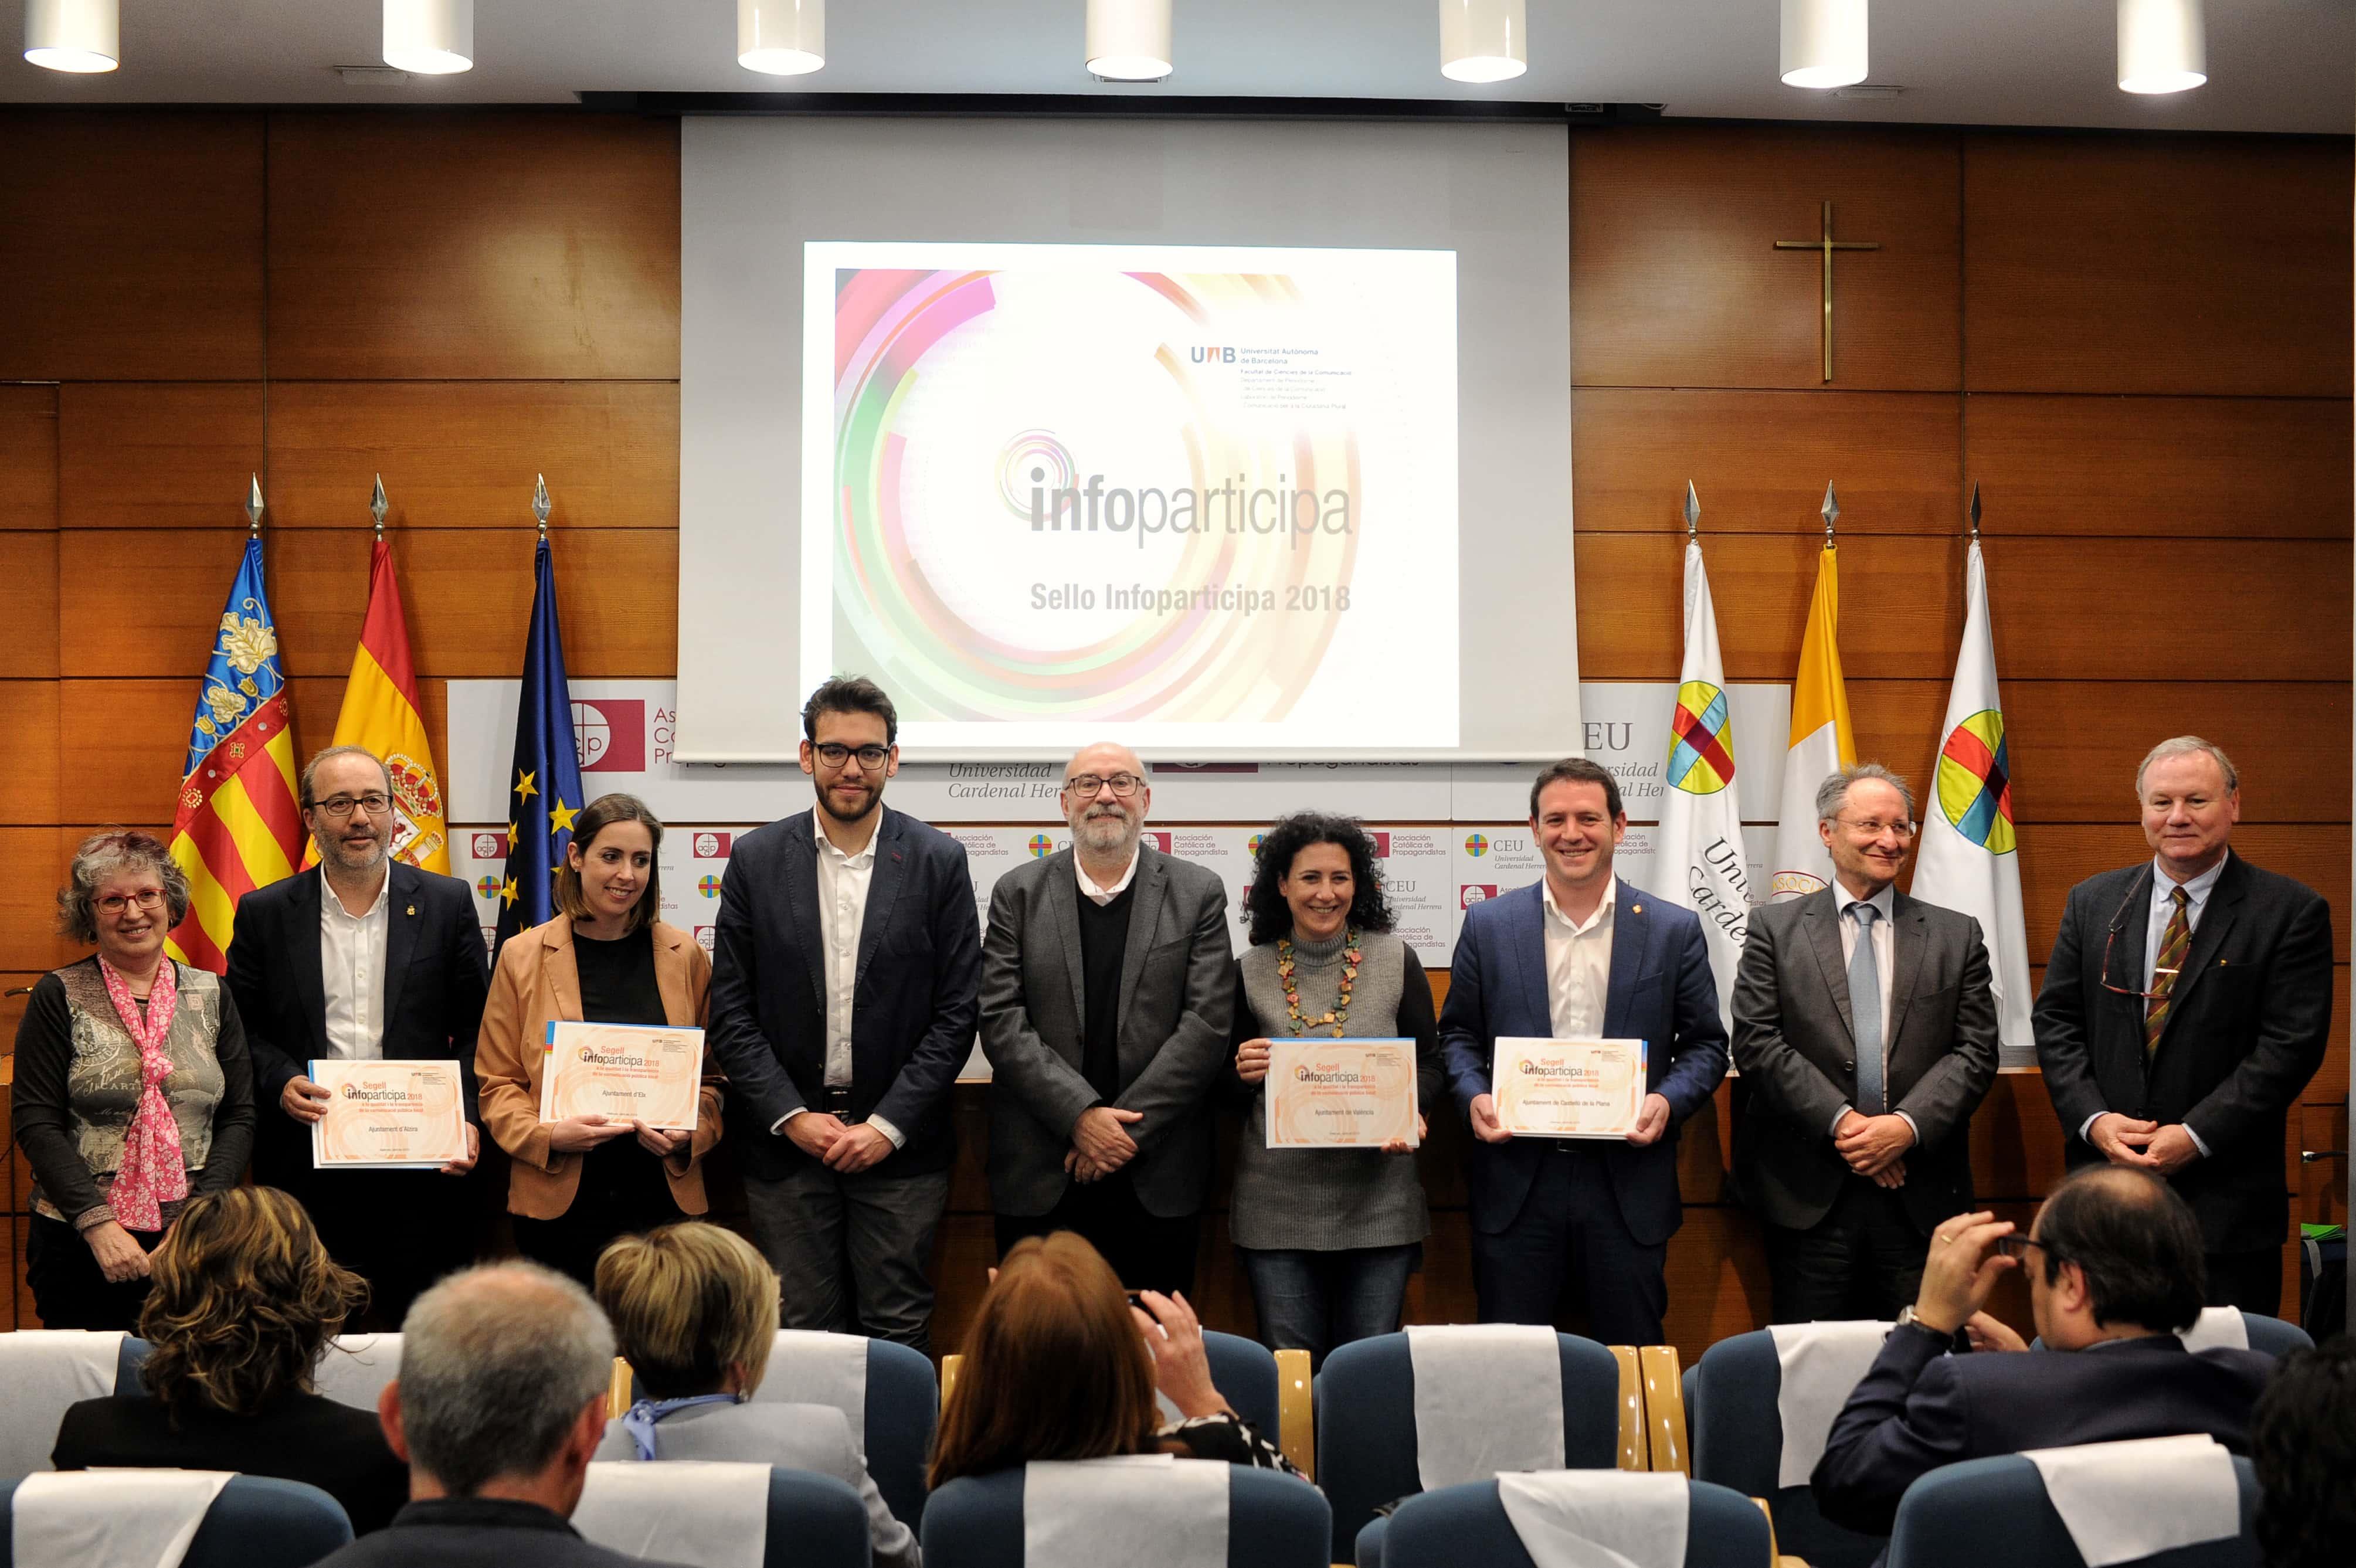 la-ceu-uch-y-la-autnoma-de-barcelona-premian-a-los-ayuntamientos-de-valencia-alzira-elche-y-castelln-por-la-transparencia-de-sus-webs-municipales_46676557655_o